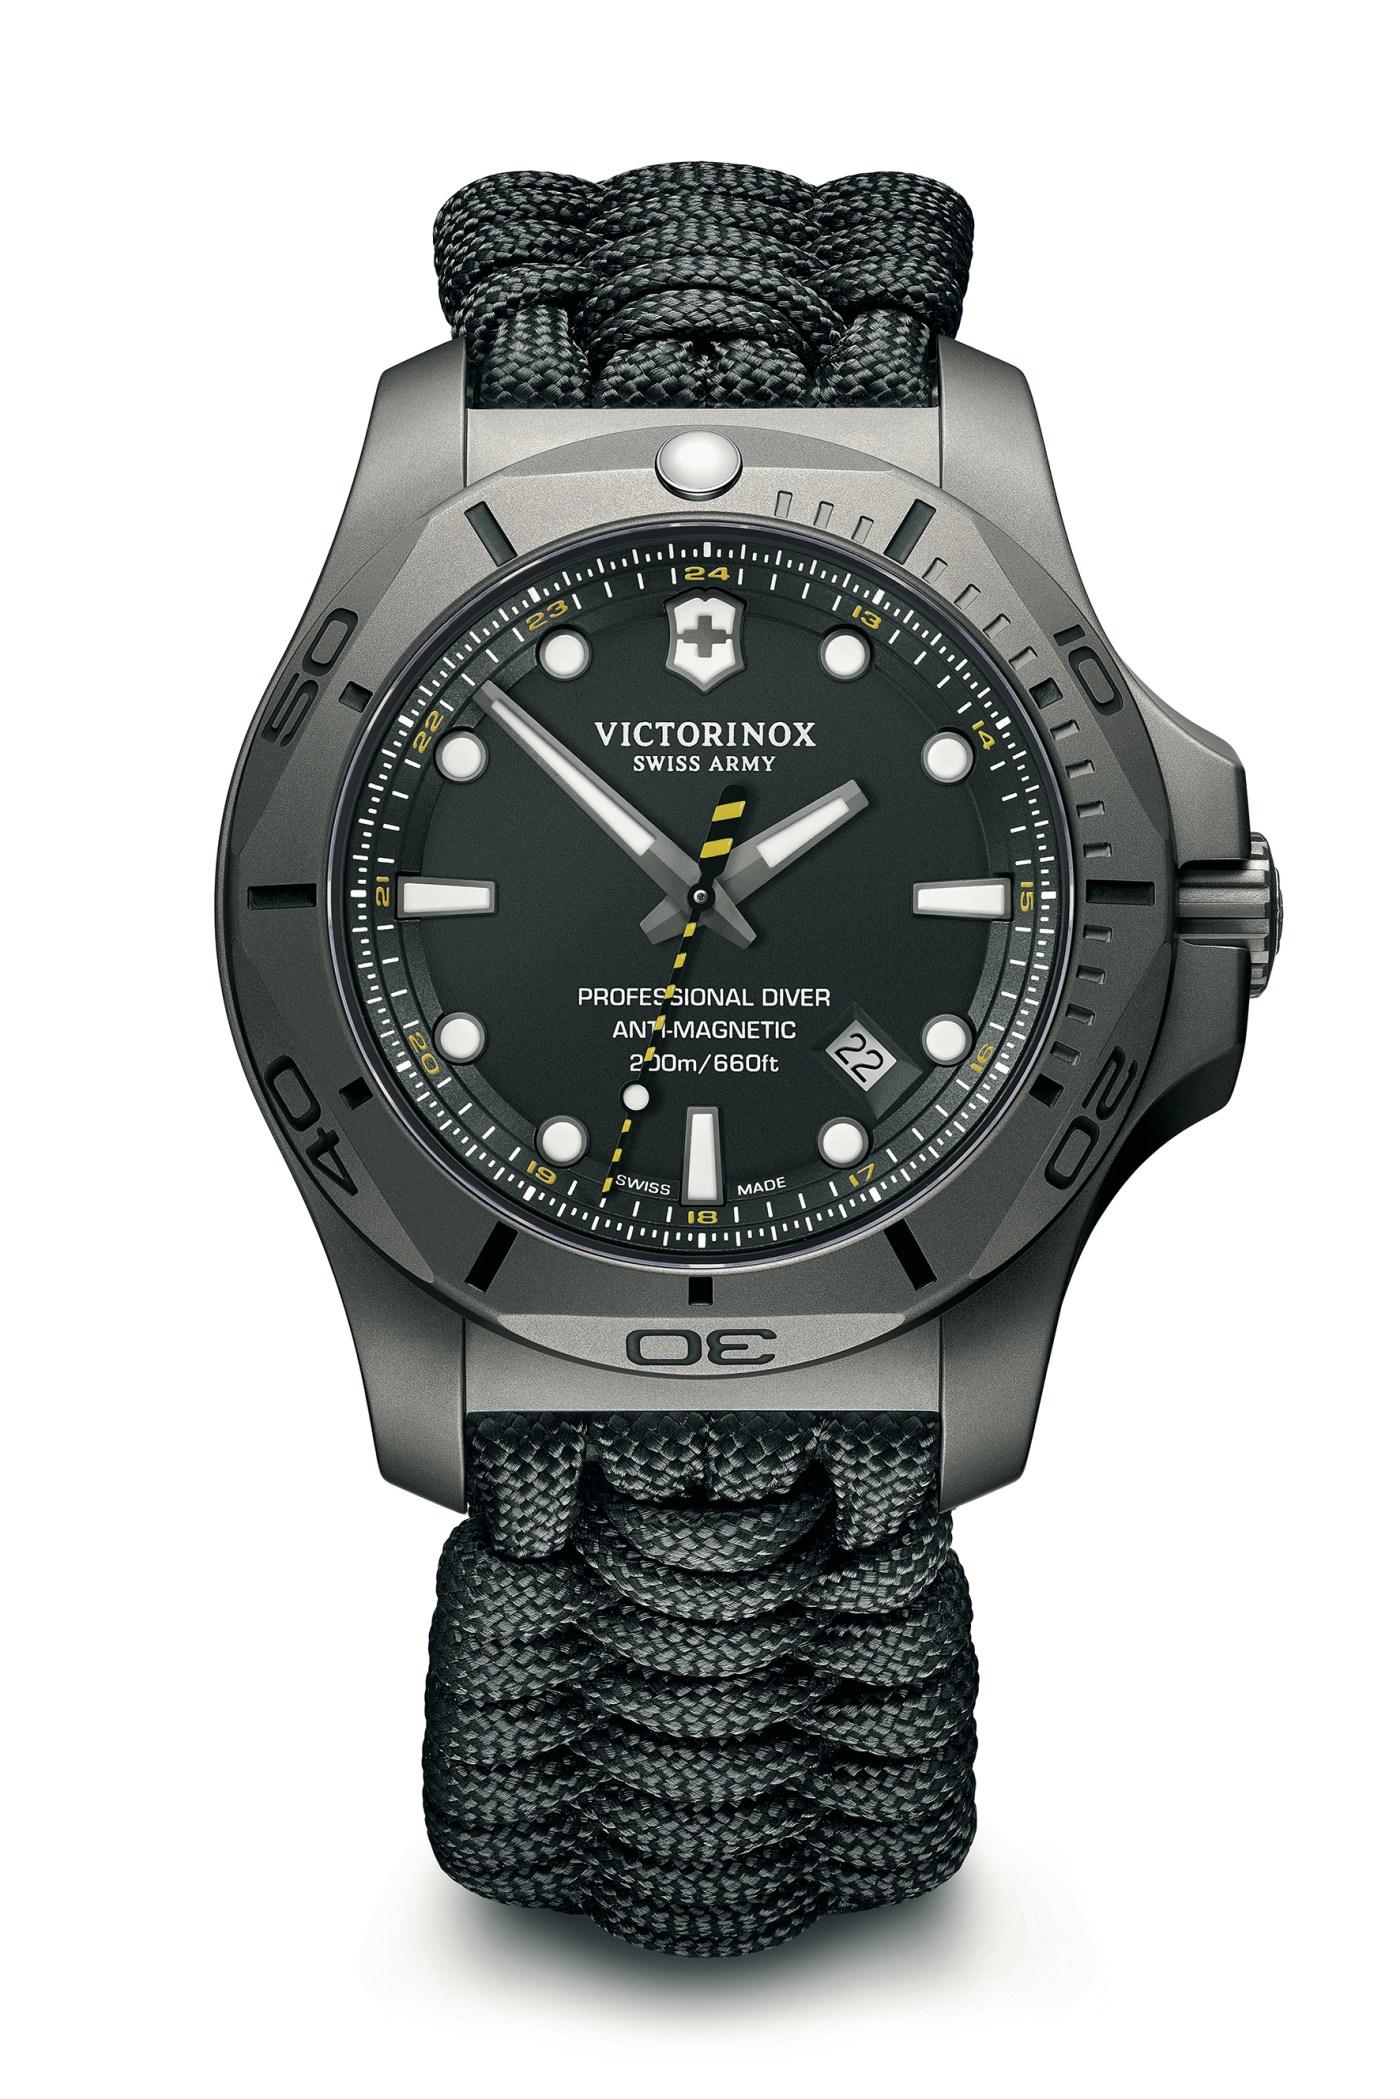 Victorinox INOX Professional Diver Titanium paracord